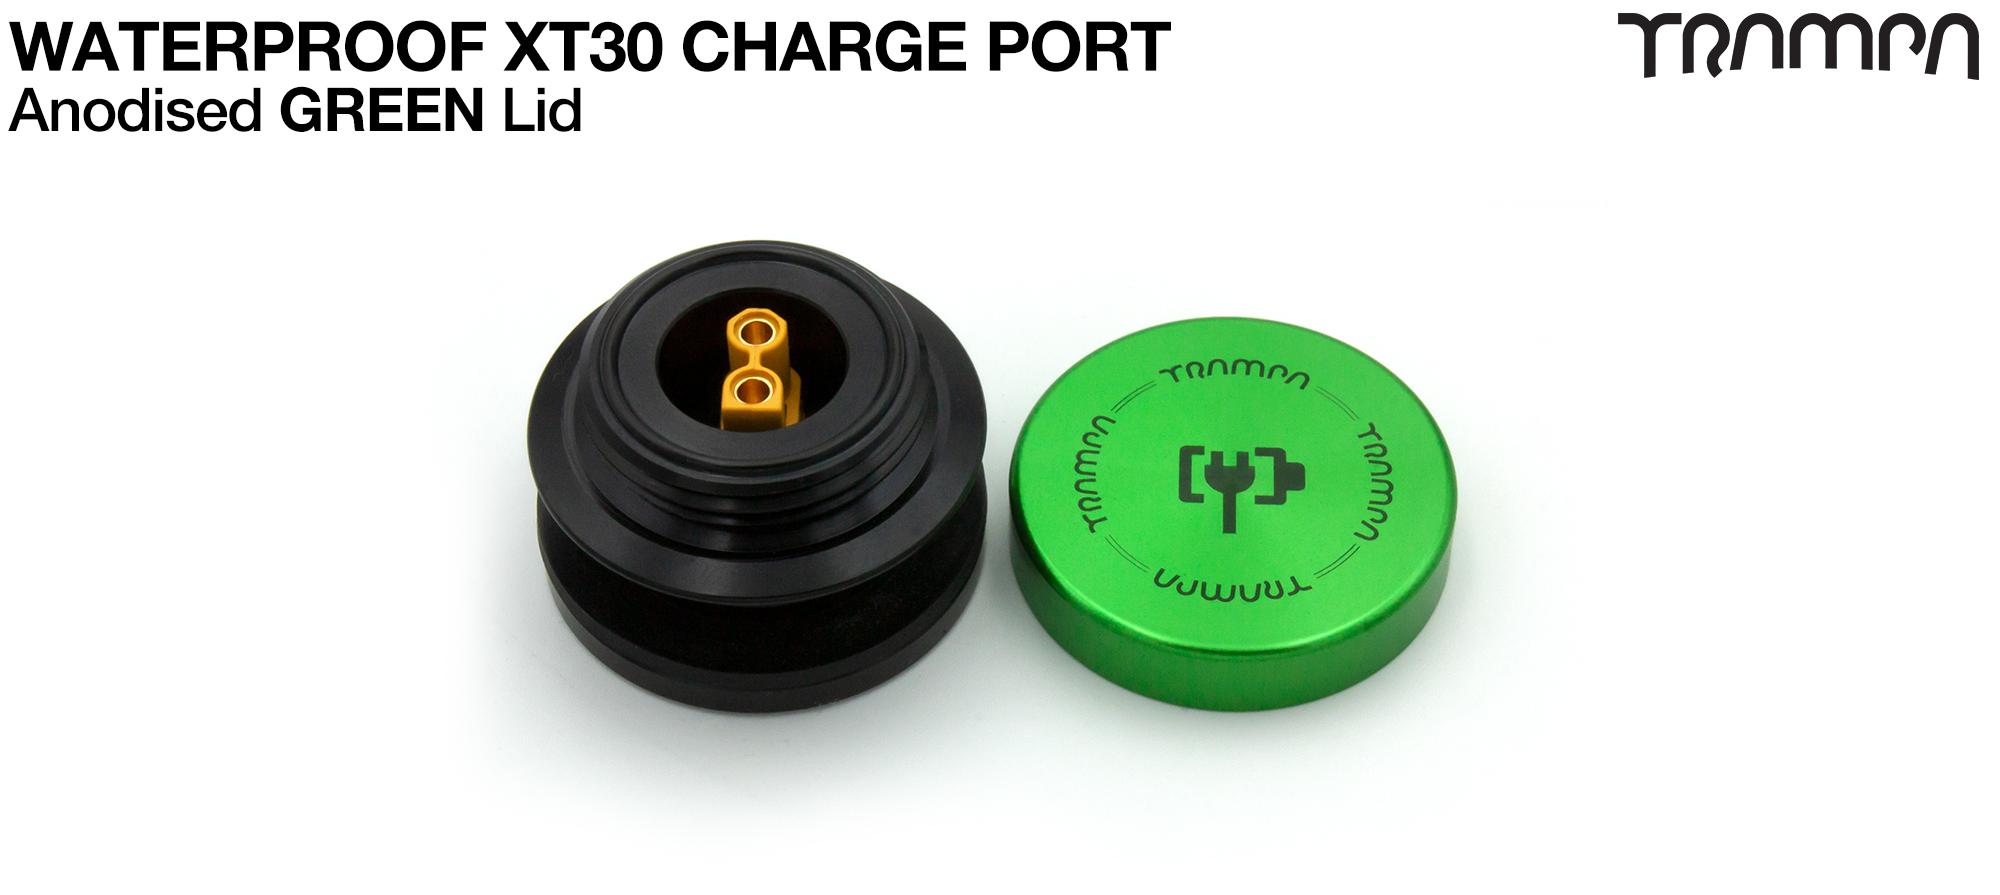 ORRSOM GT XT30 WATERPROOF Charge Port - GREEN